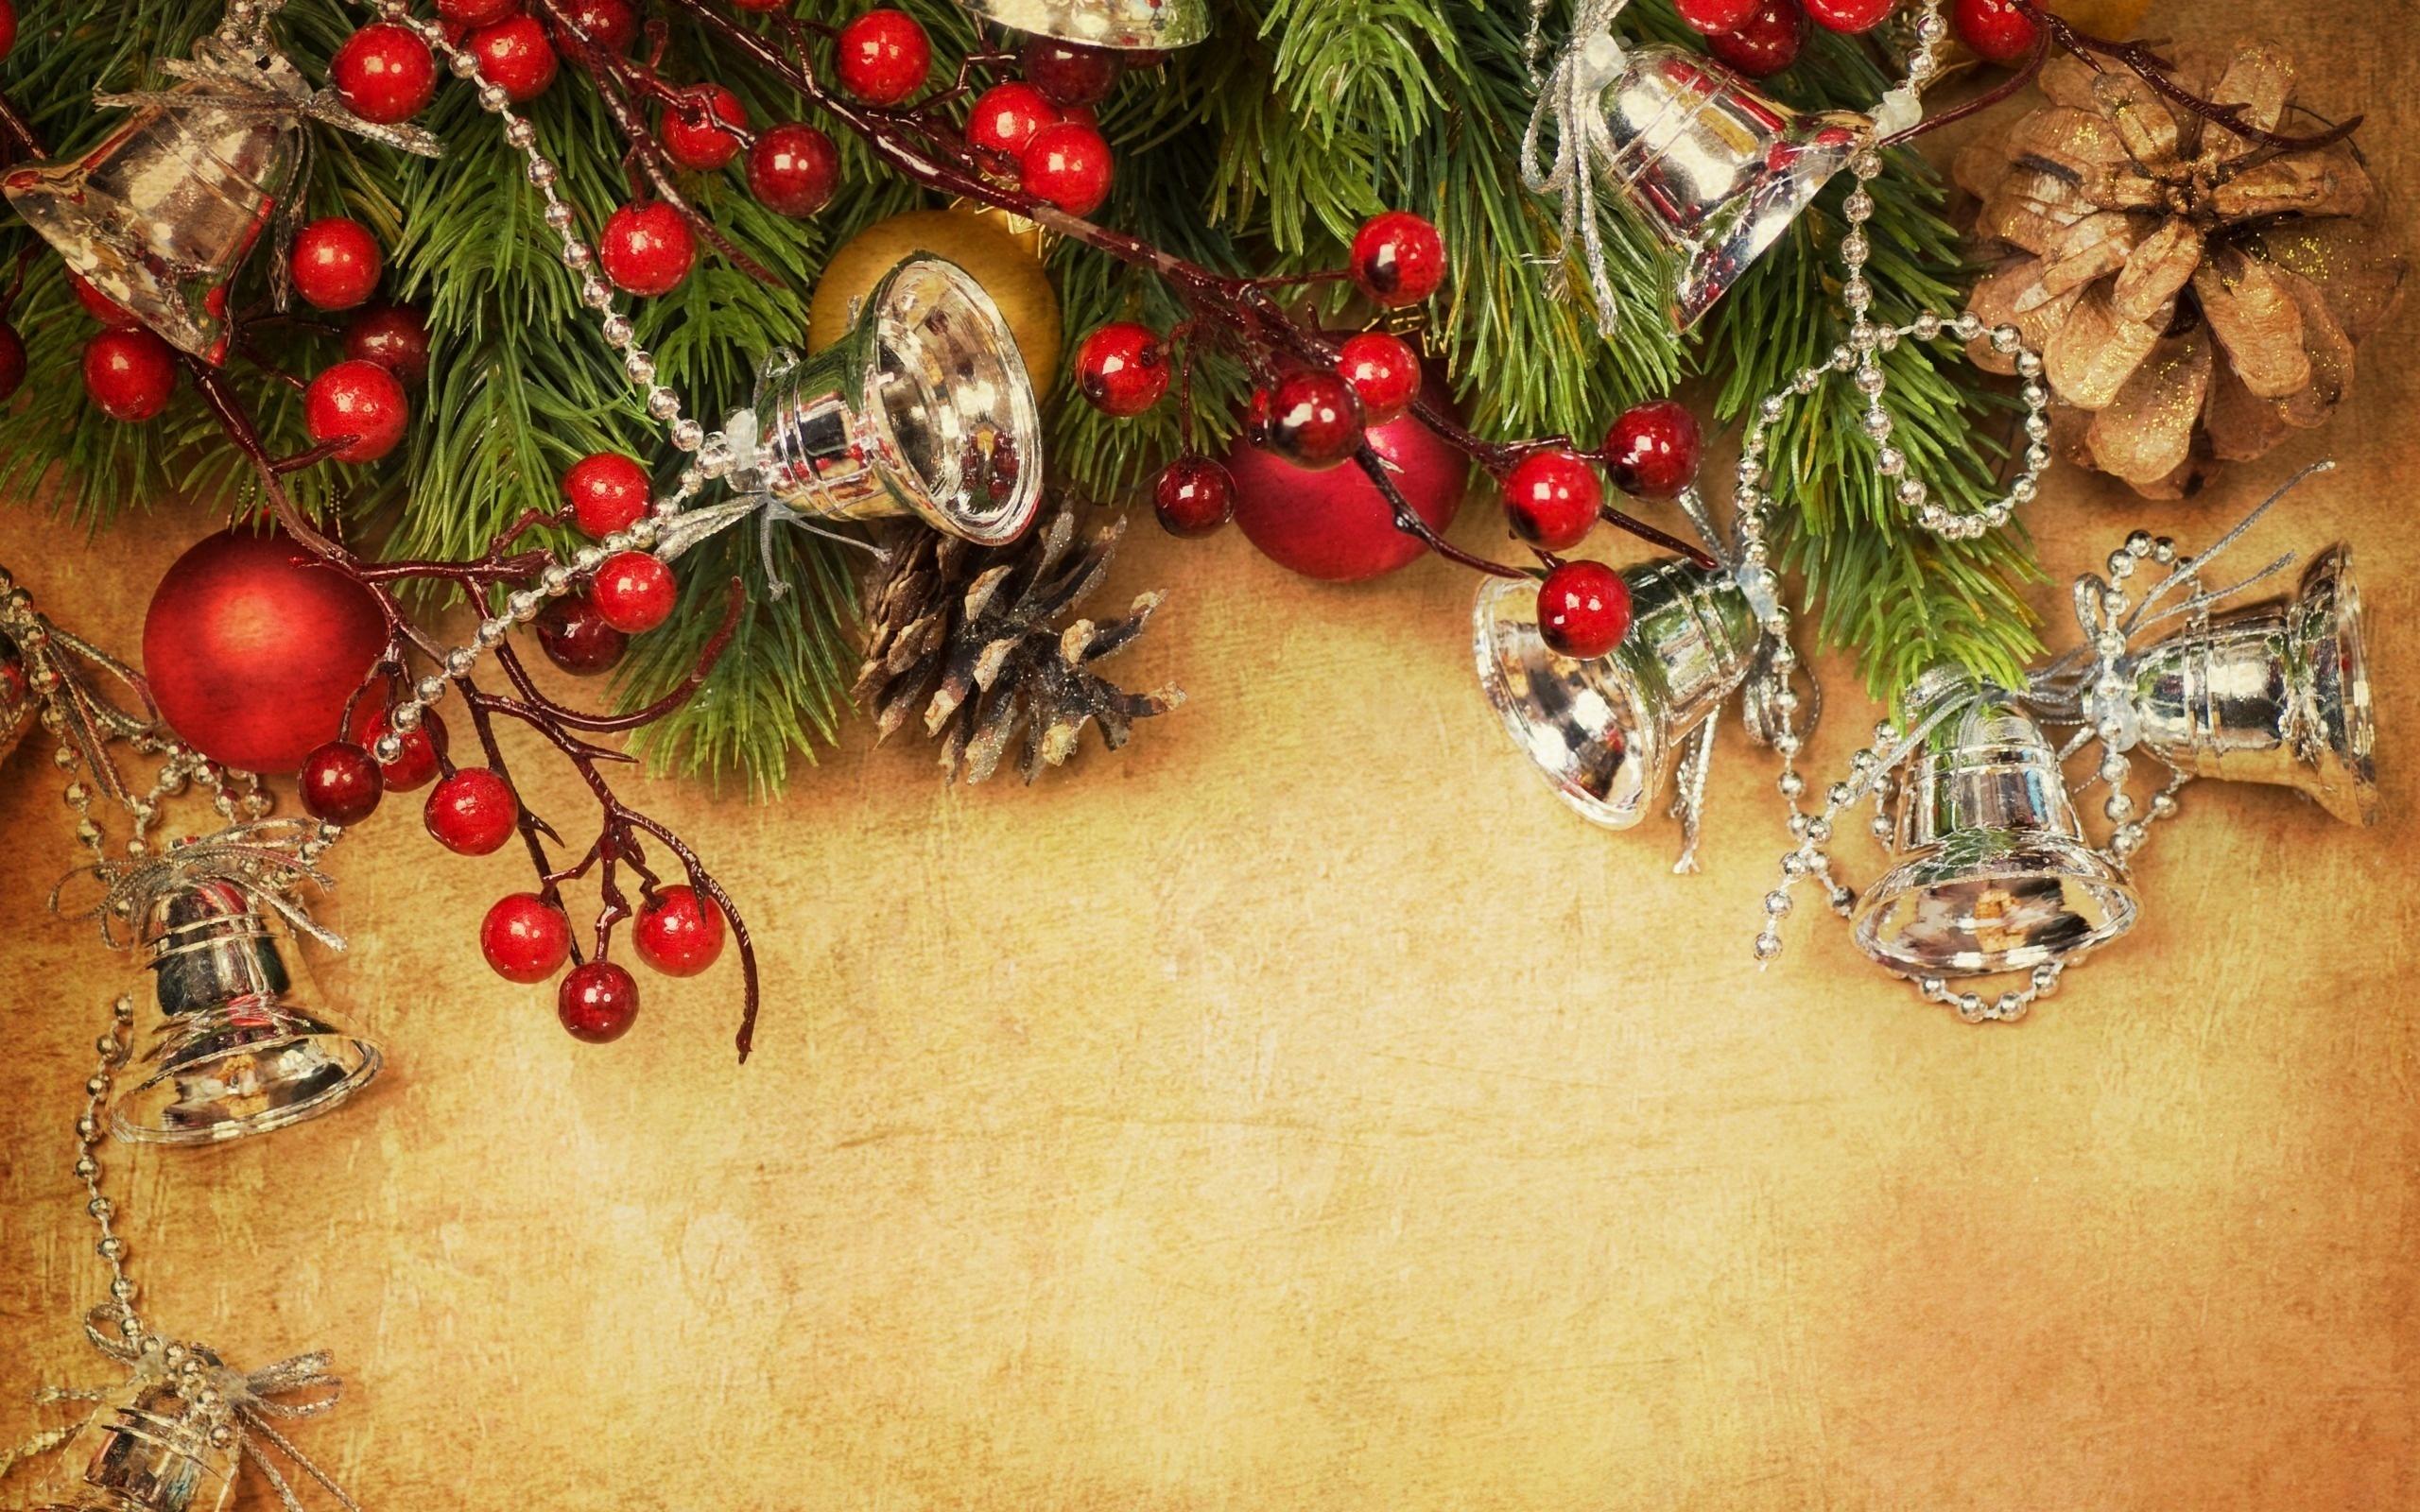 Открытке, картинки для открытки нового года